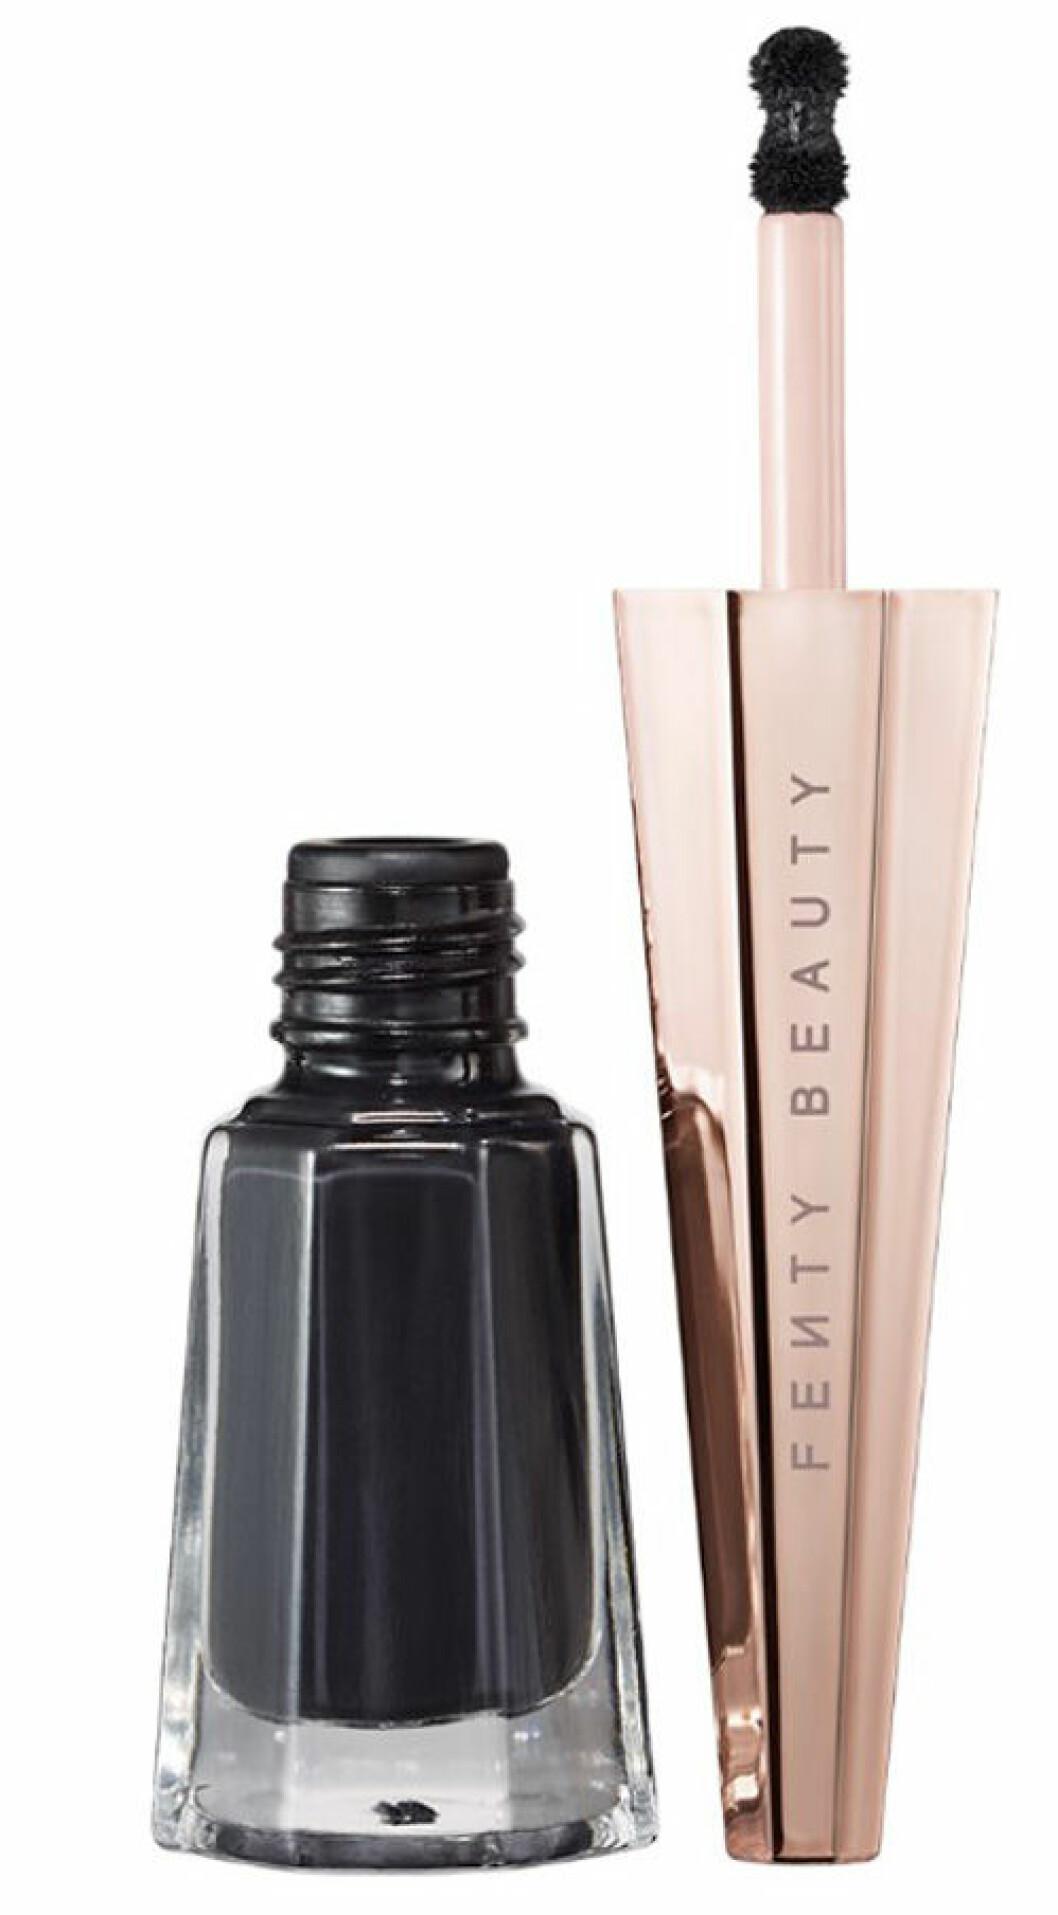 En bild på produkten Stunna Lip Paint i nyansen Uninvited. Sminkkollektionen heter Fenty Beauty och är skapad av Rihanna.